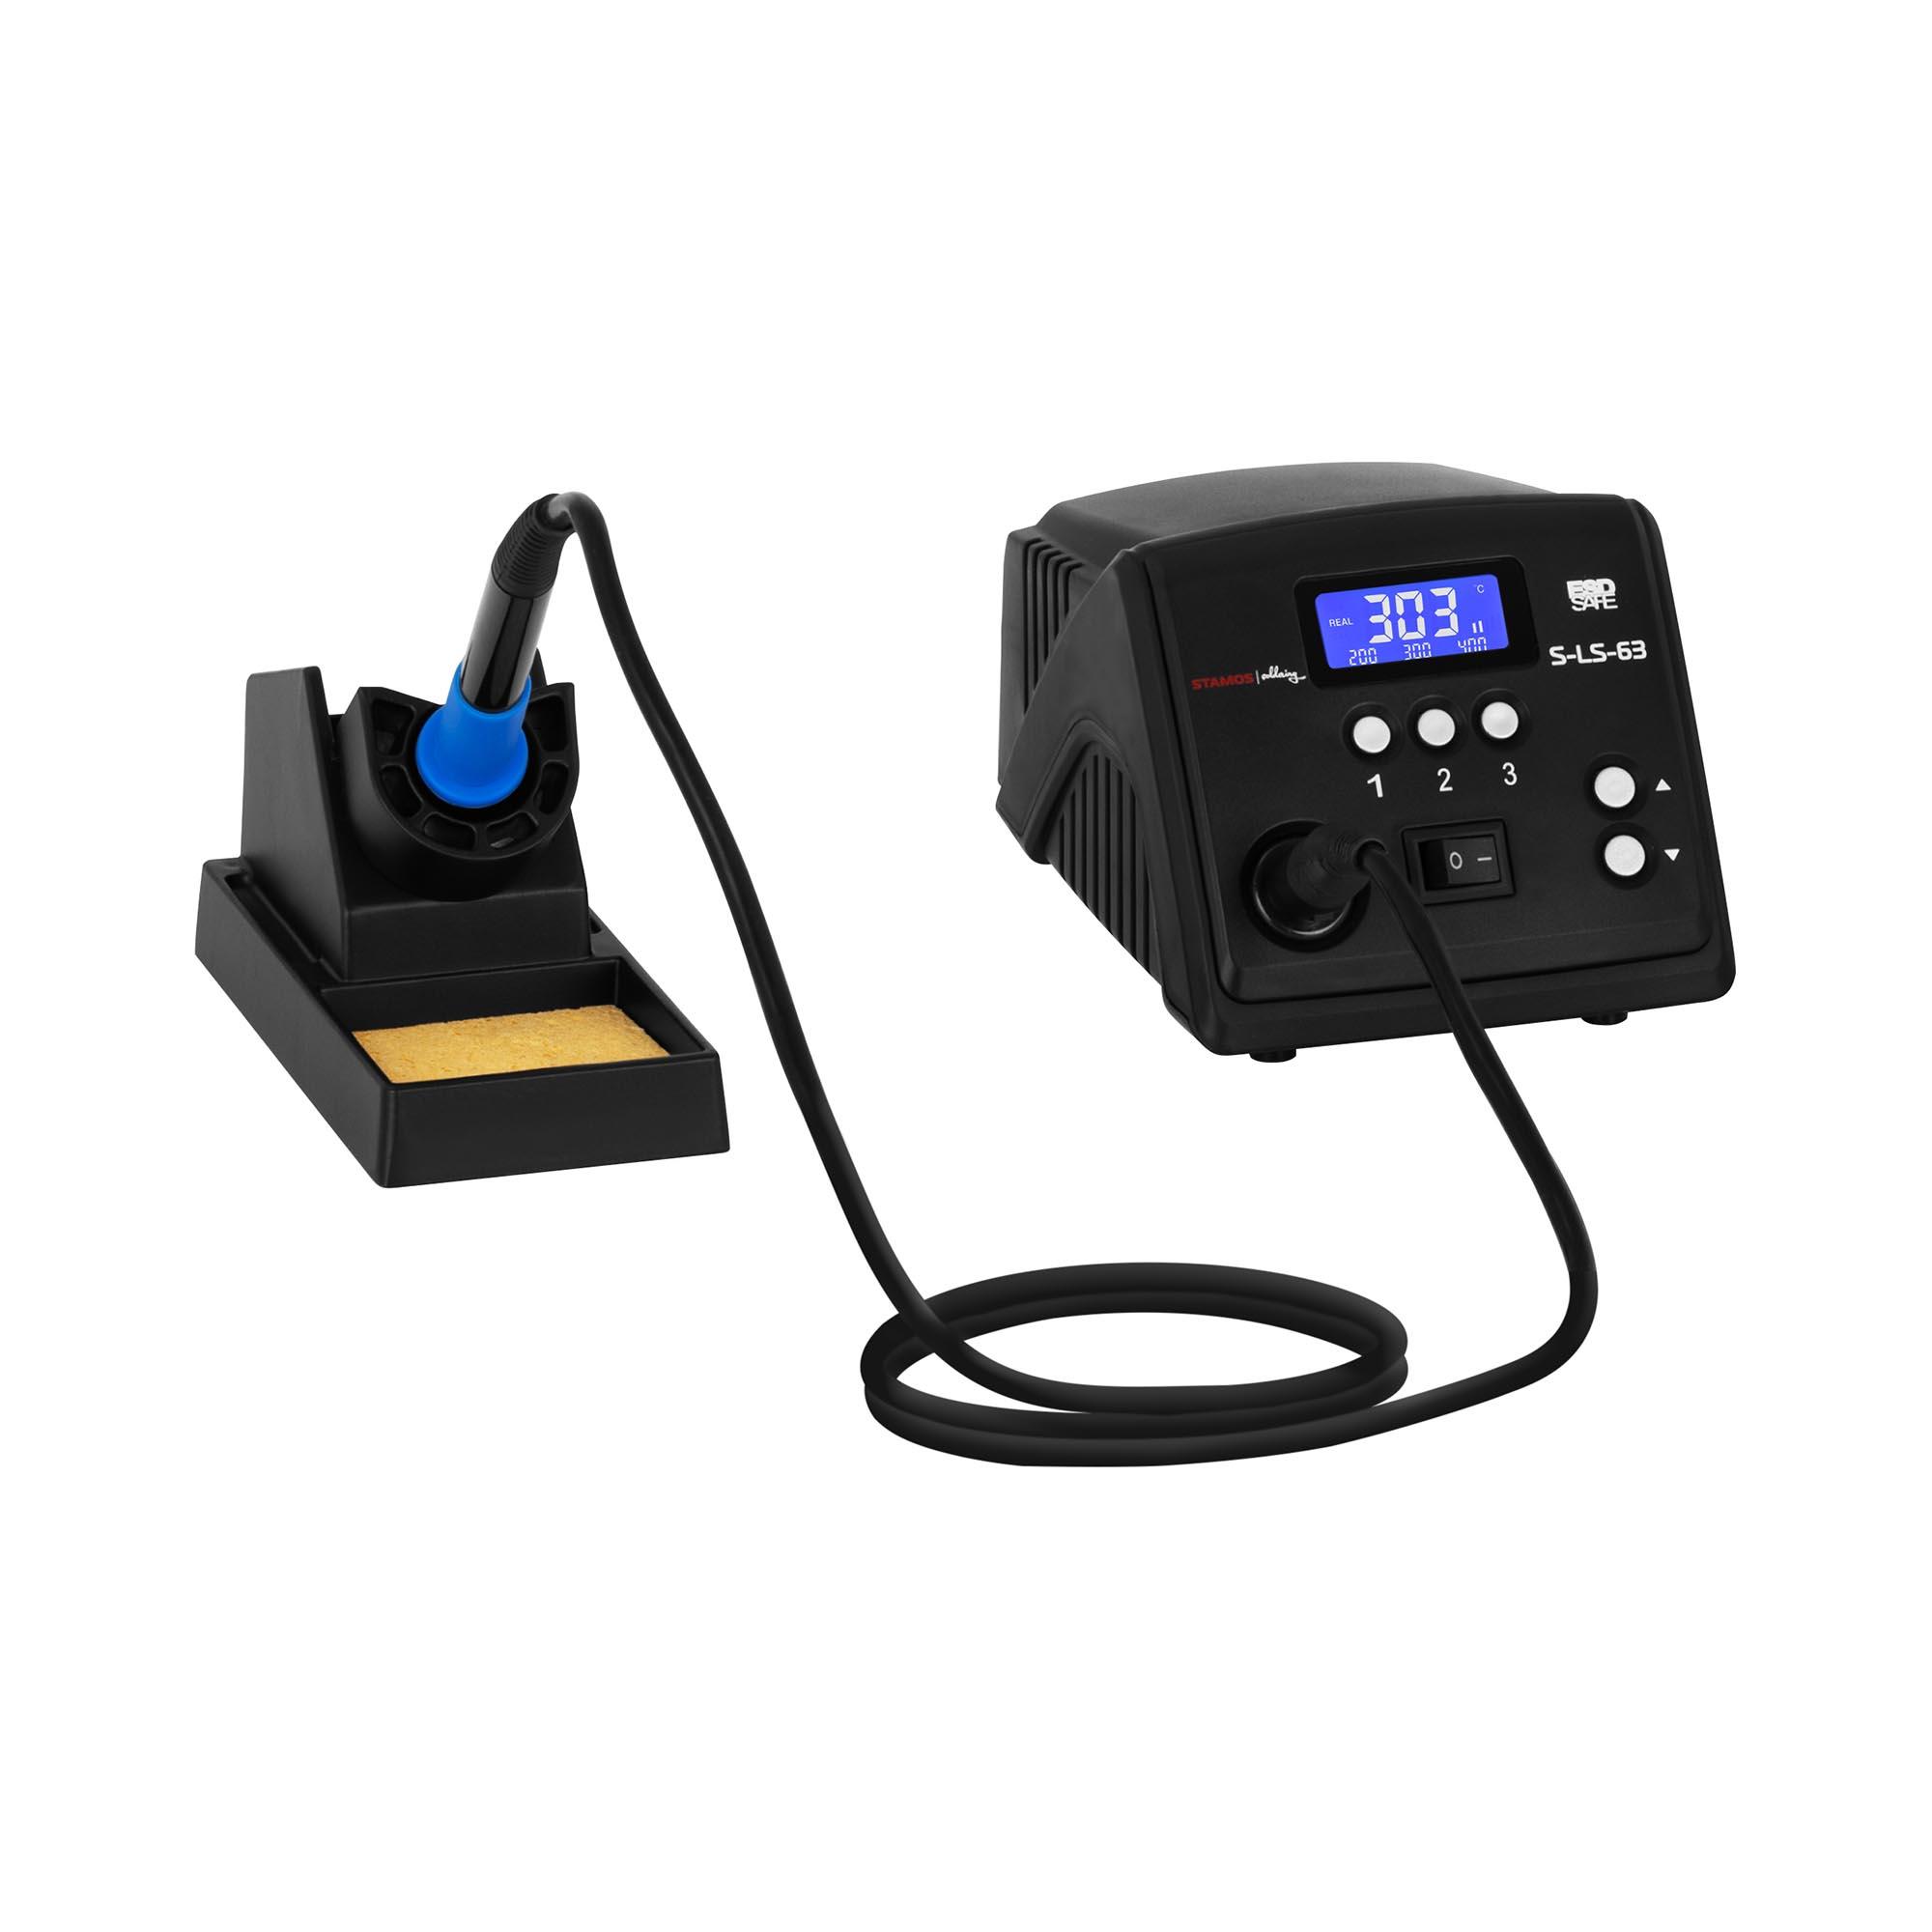 Stamos Soldering Lötstation - digital - mit Lötkolben und Lötkolbenablage - 100 W - LCD S-LS-63